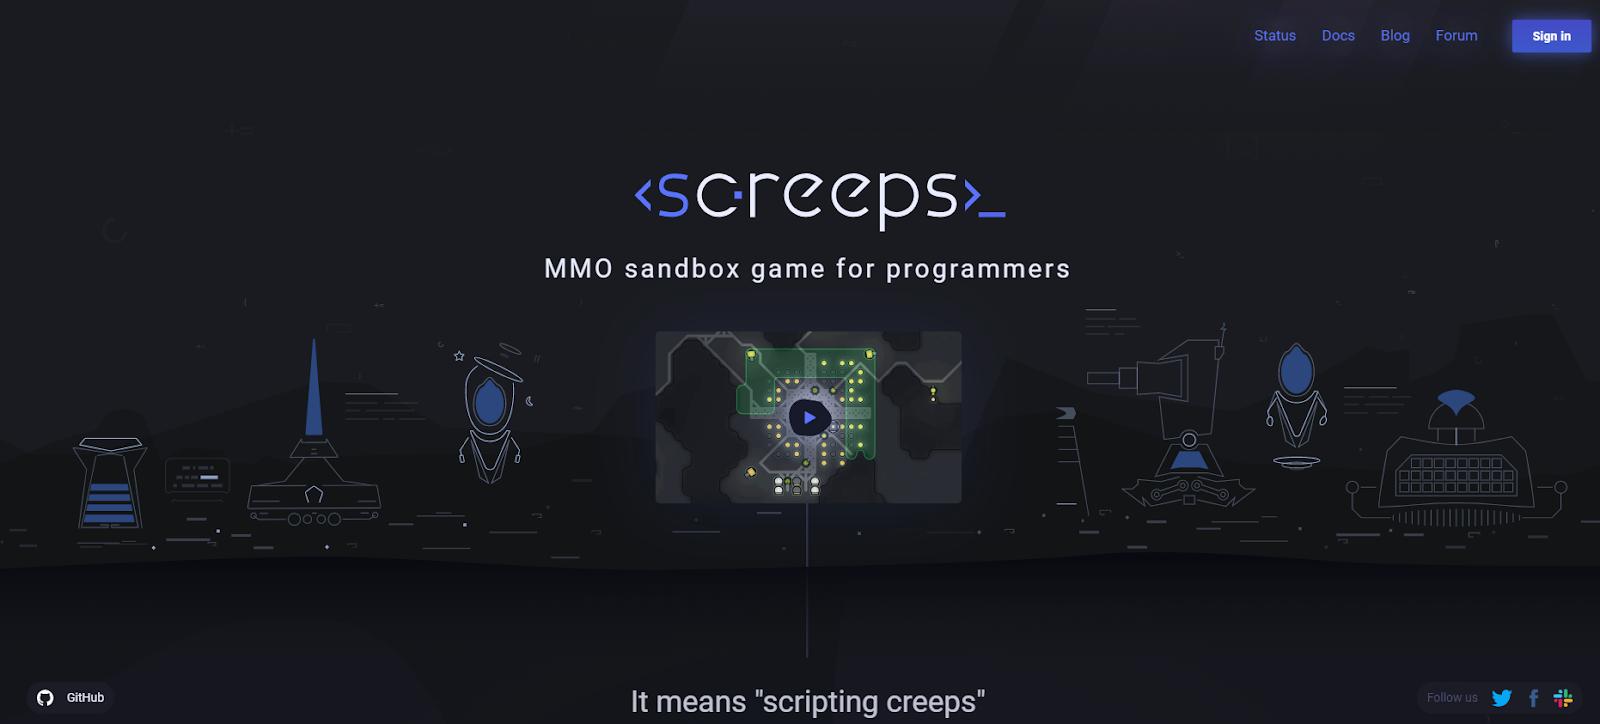 скриншот игры для программистов Screeps